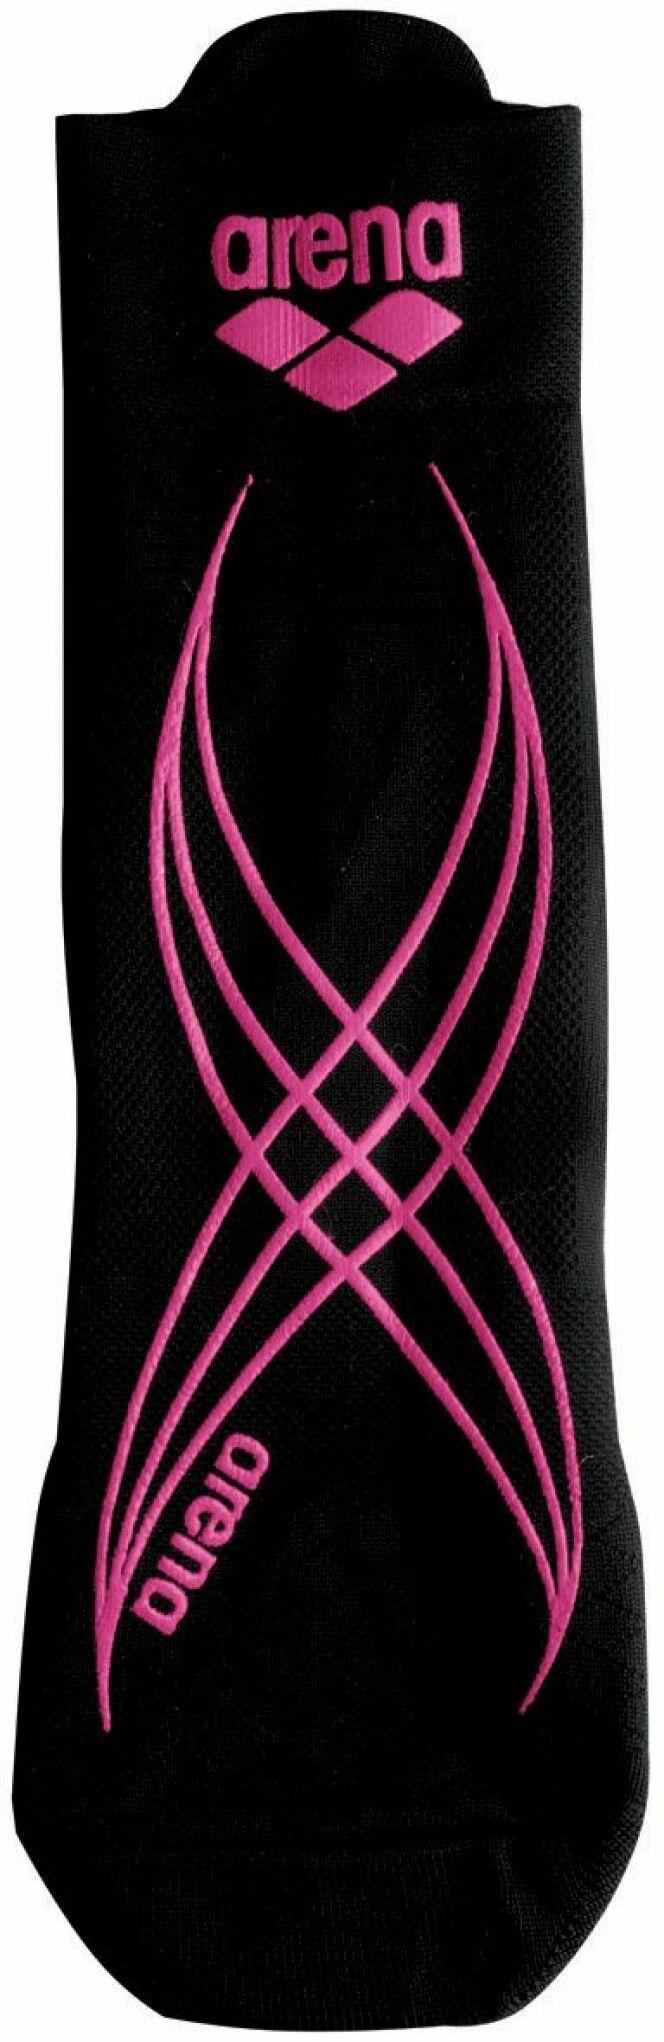 Chaussette d'aquagym anti-dérapante noire et rose Arena